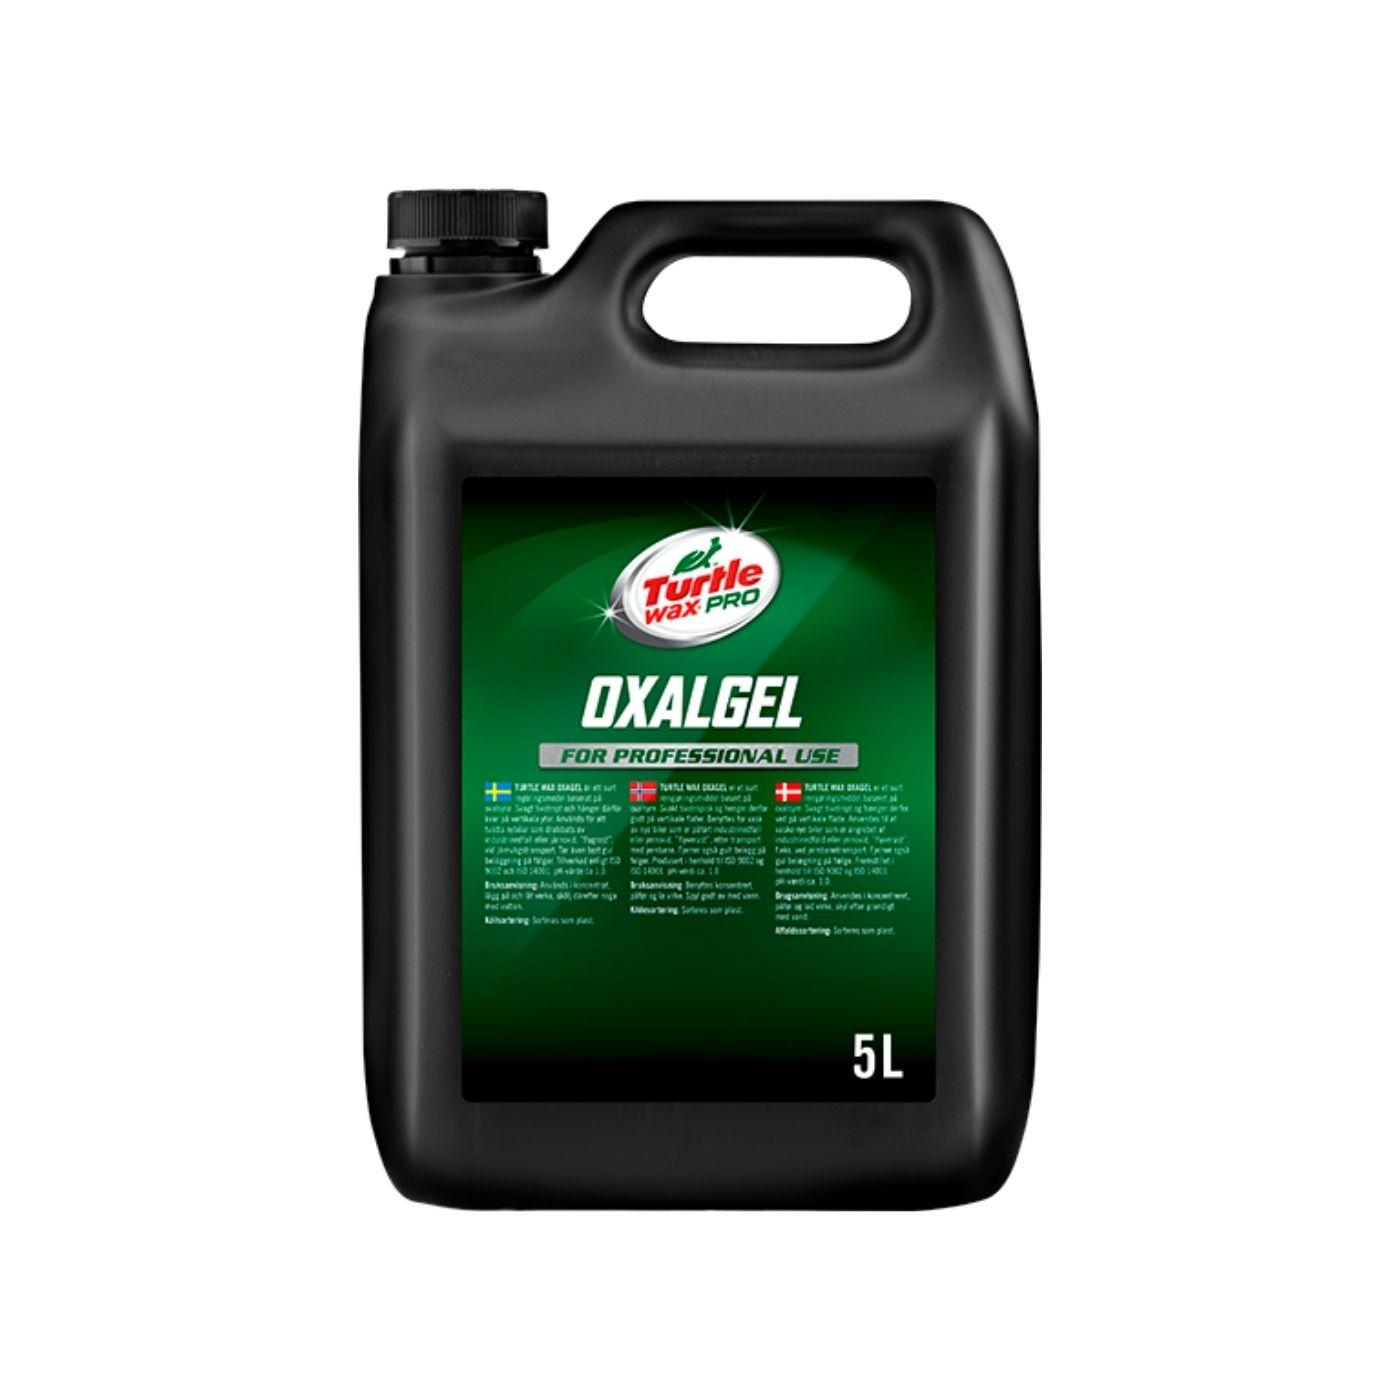 Flygrostlösare Turtle Wax Pro Oxalgel, 5000 ml